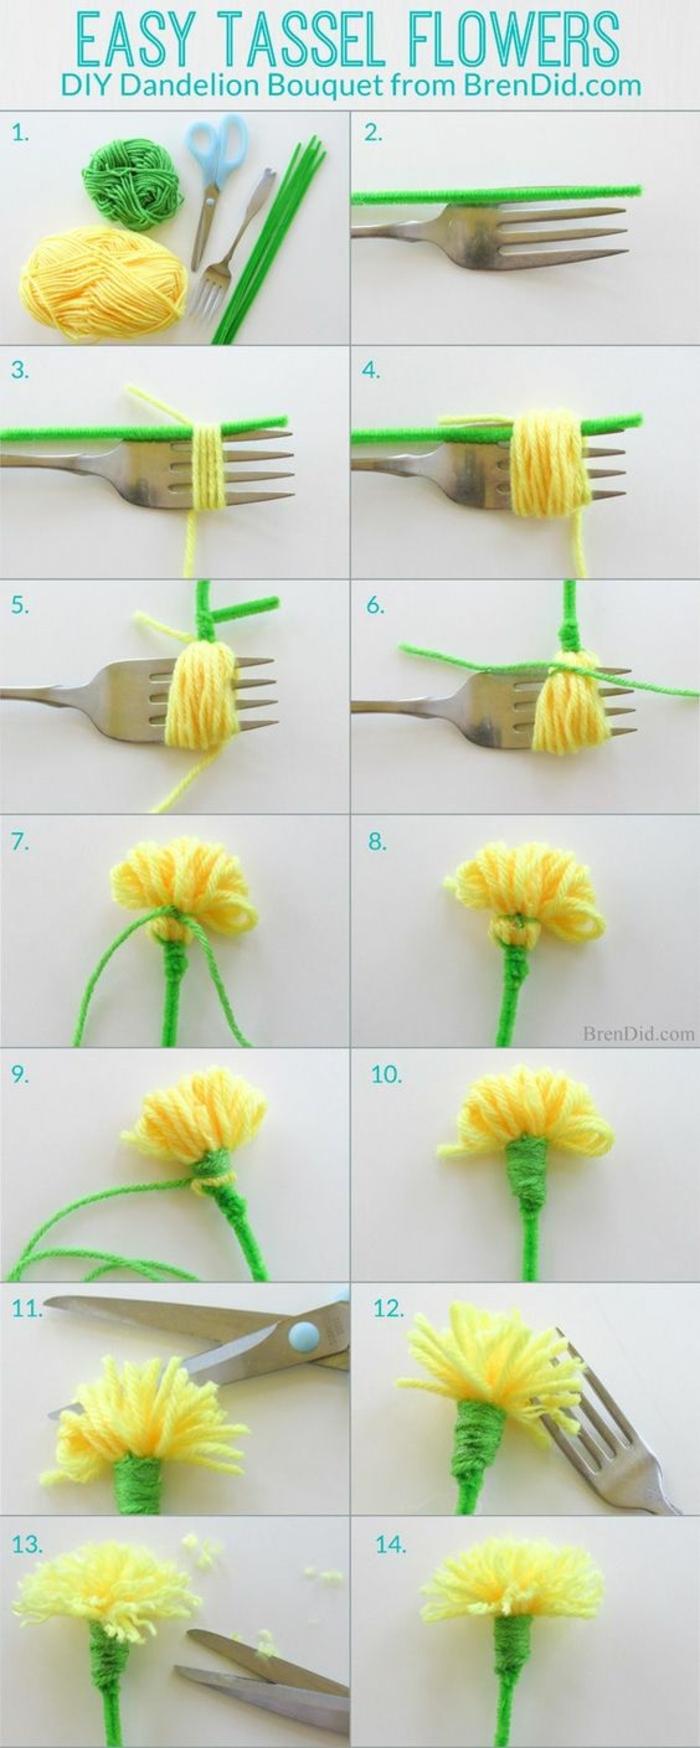 cadeau pour la fête des mères, fil jaune et nettoyeur de pipe transformés en fleur diy